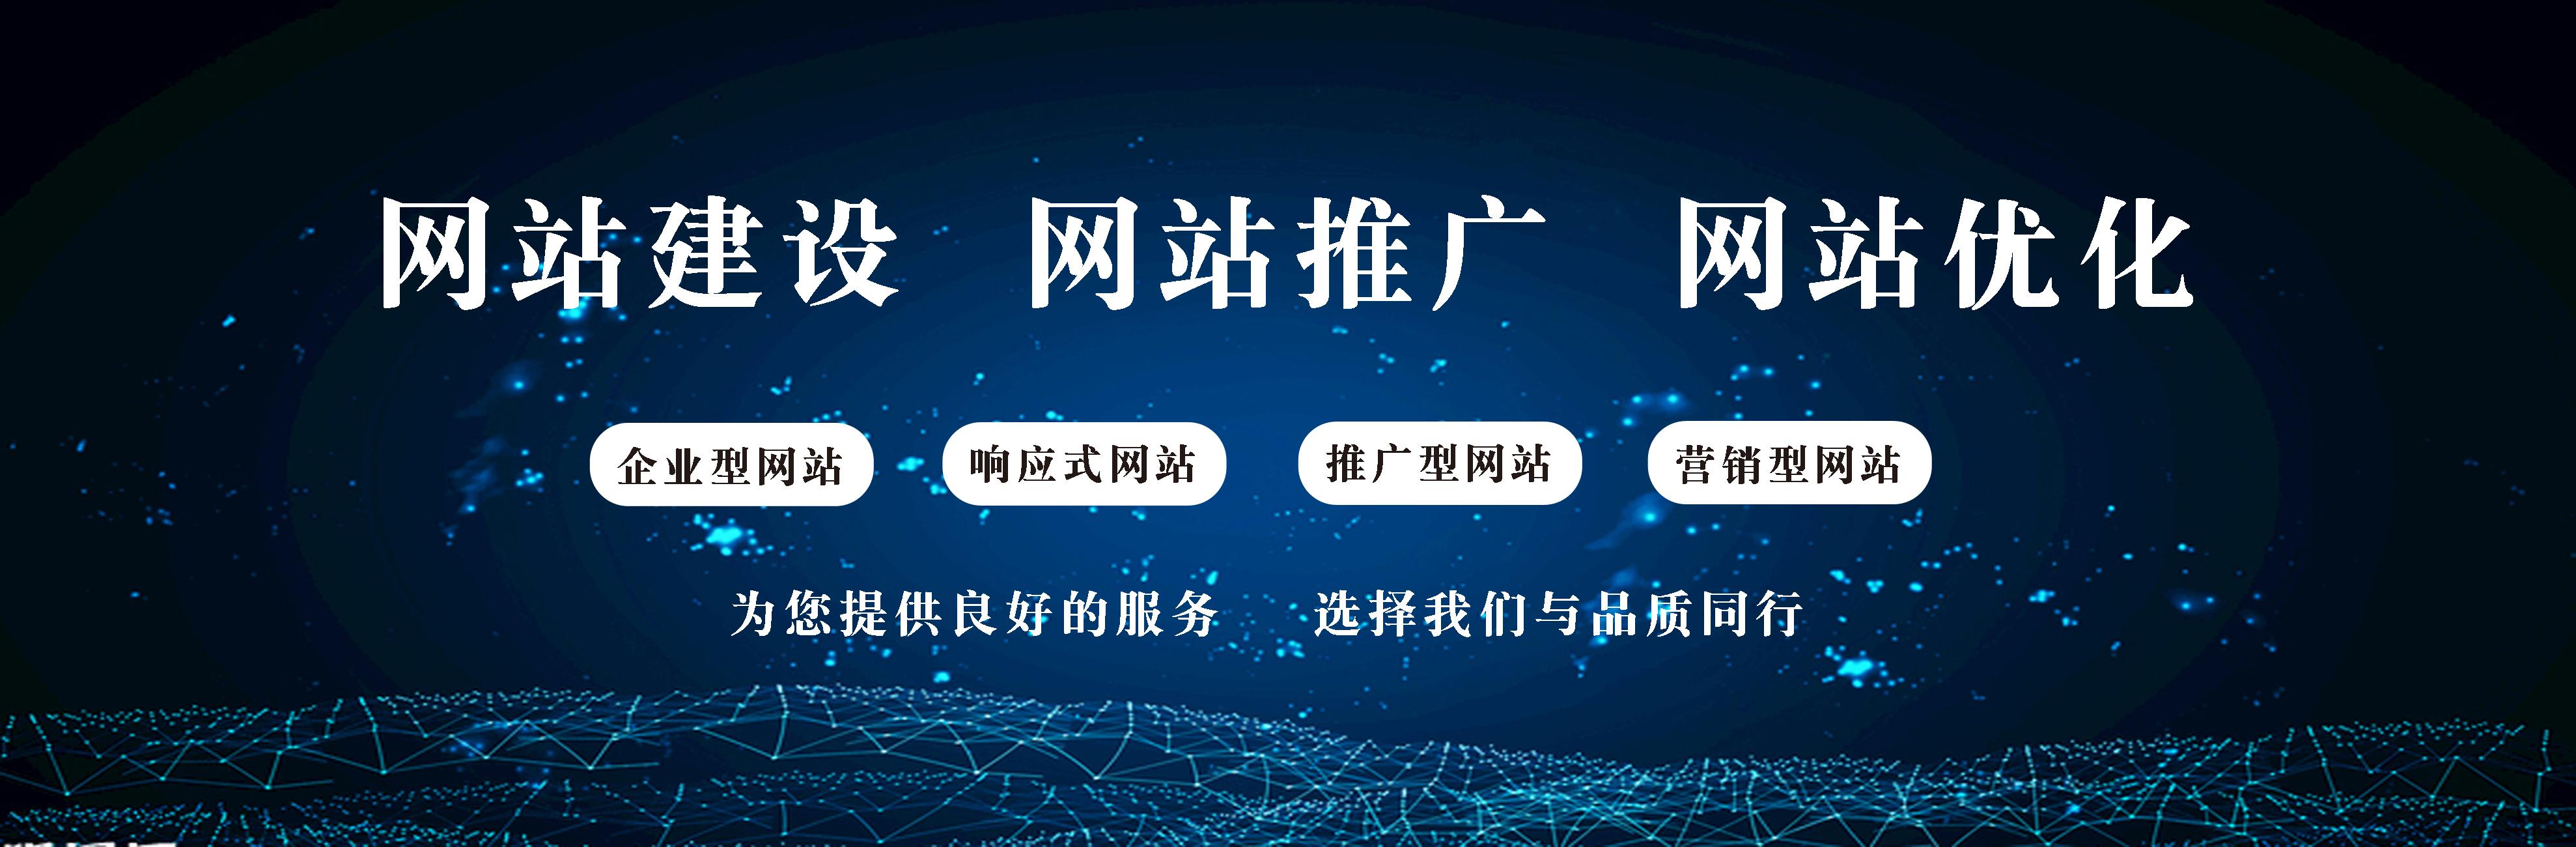 北京做网站公司